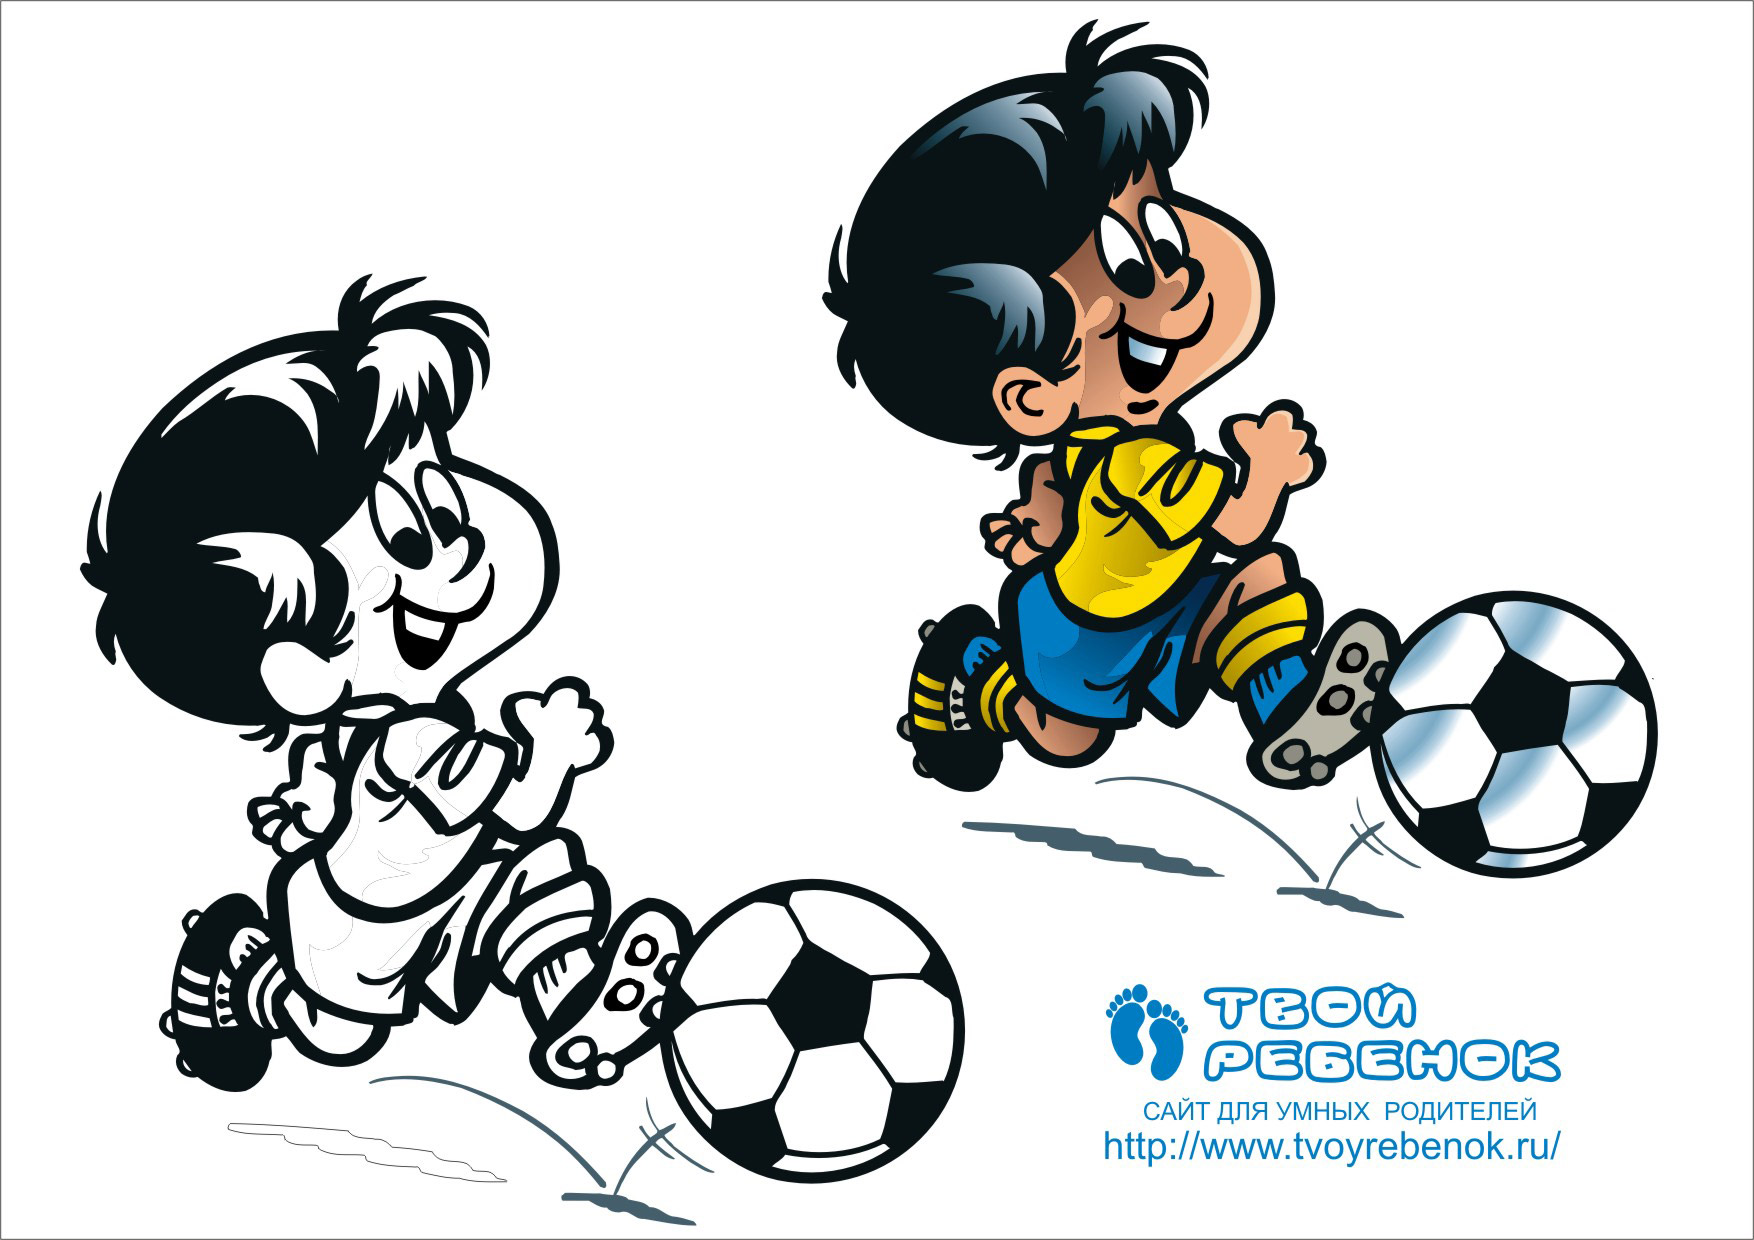 Футбол раскраски для детей скачайте